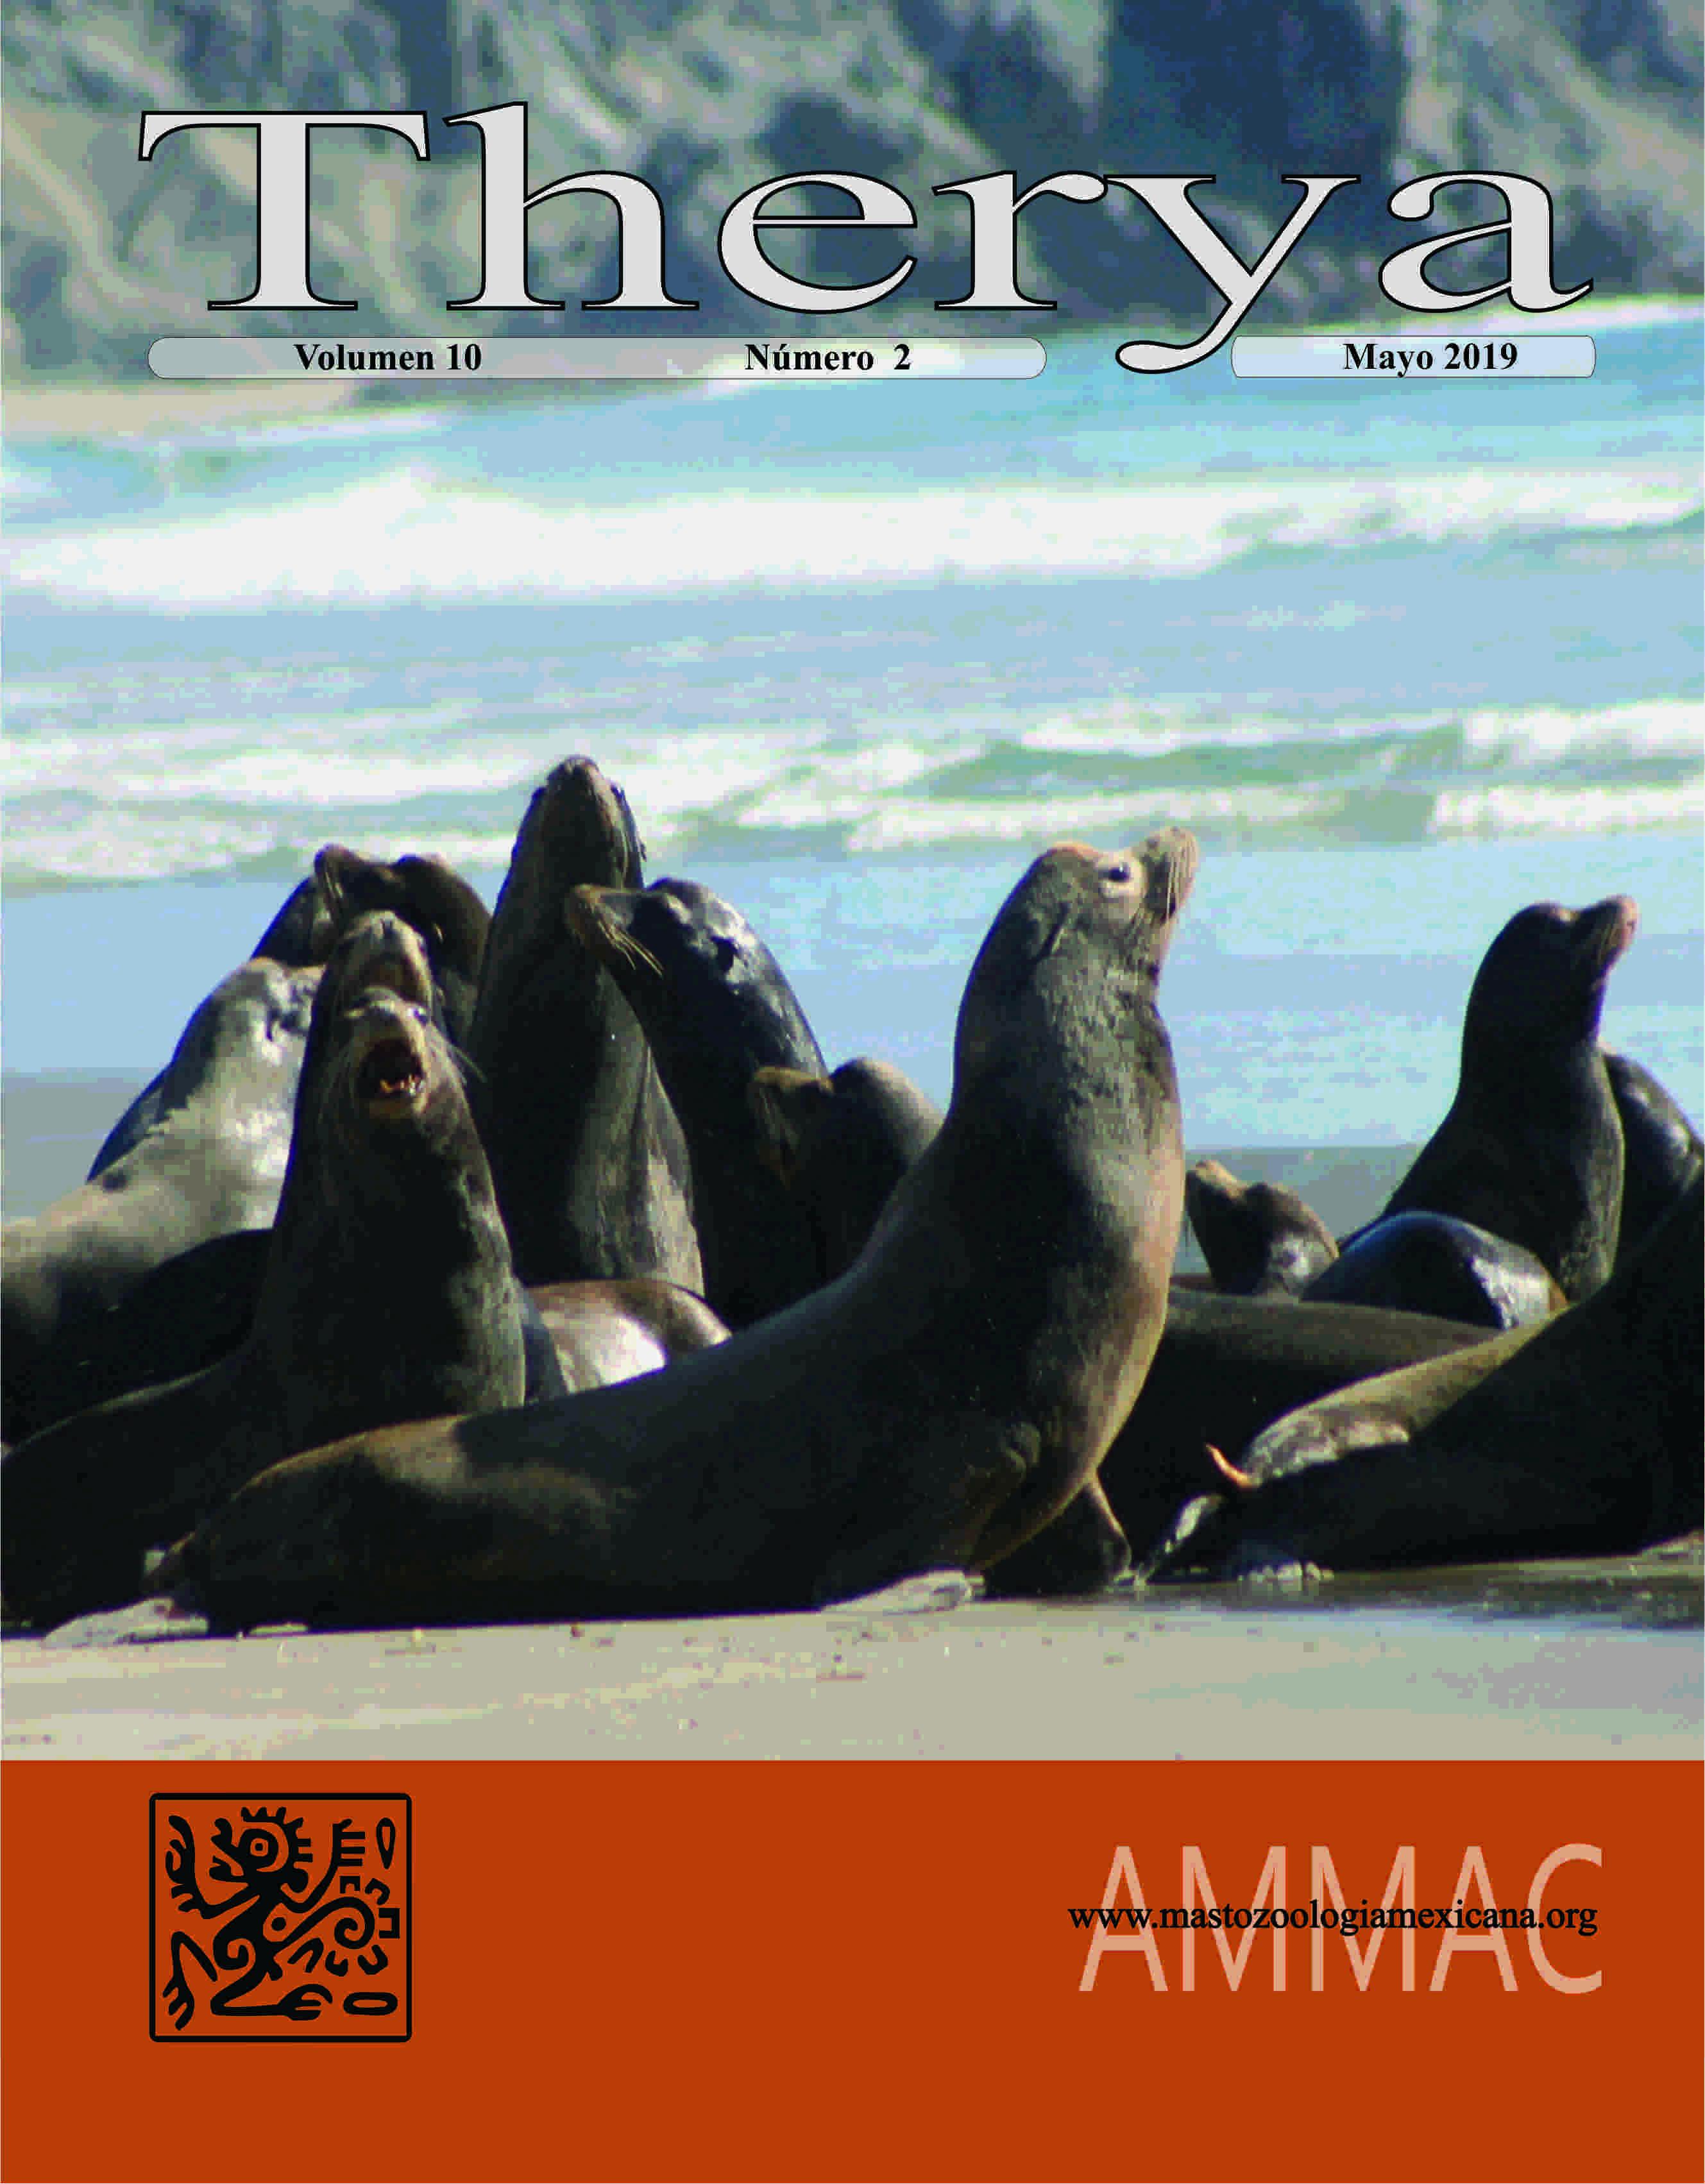 Colonia reproductiva de lobos marino (Zalopus californicus) en la costa del Pacífico de la isla Margarita, Baja California Sur.  Se observa como el macho del grupo vigila y se coloca entre los extraños al grupo y las hembras con crías (Fotografía Sergio T